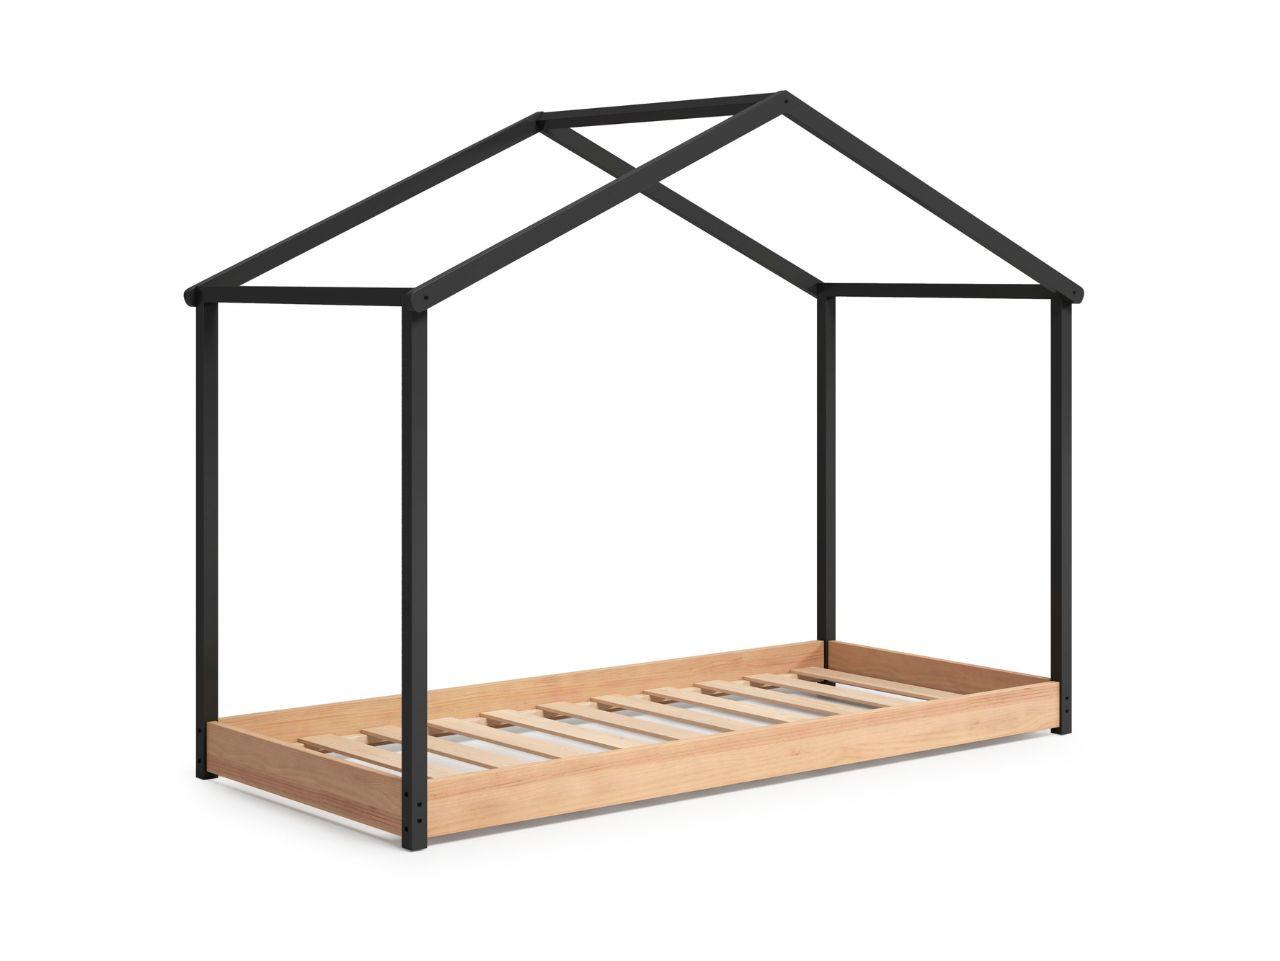 Dormitorios matrimonio de dise o casa dise o for Diseno dormitorio